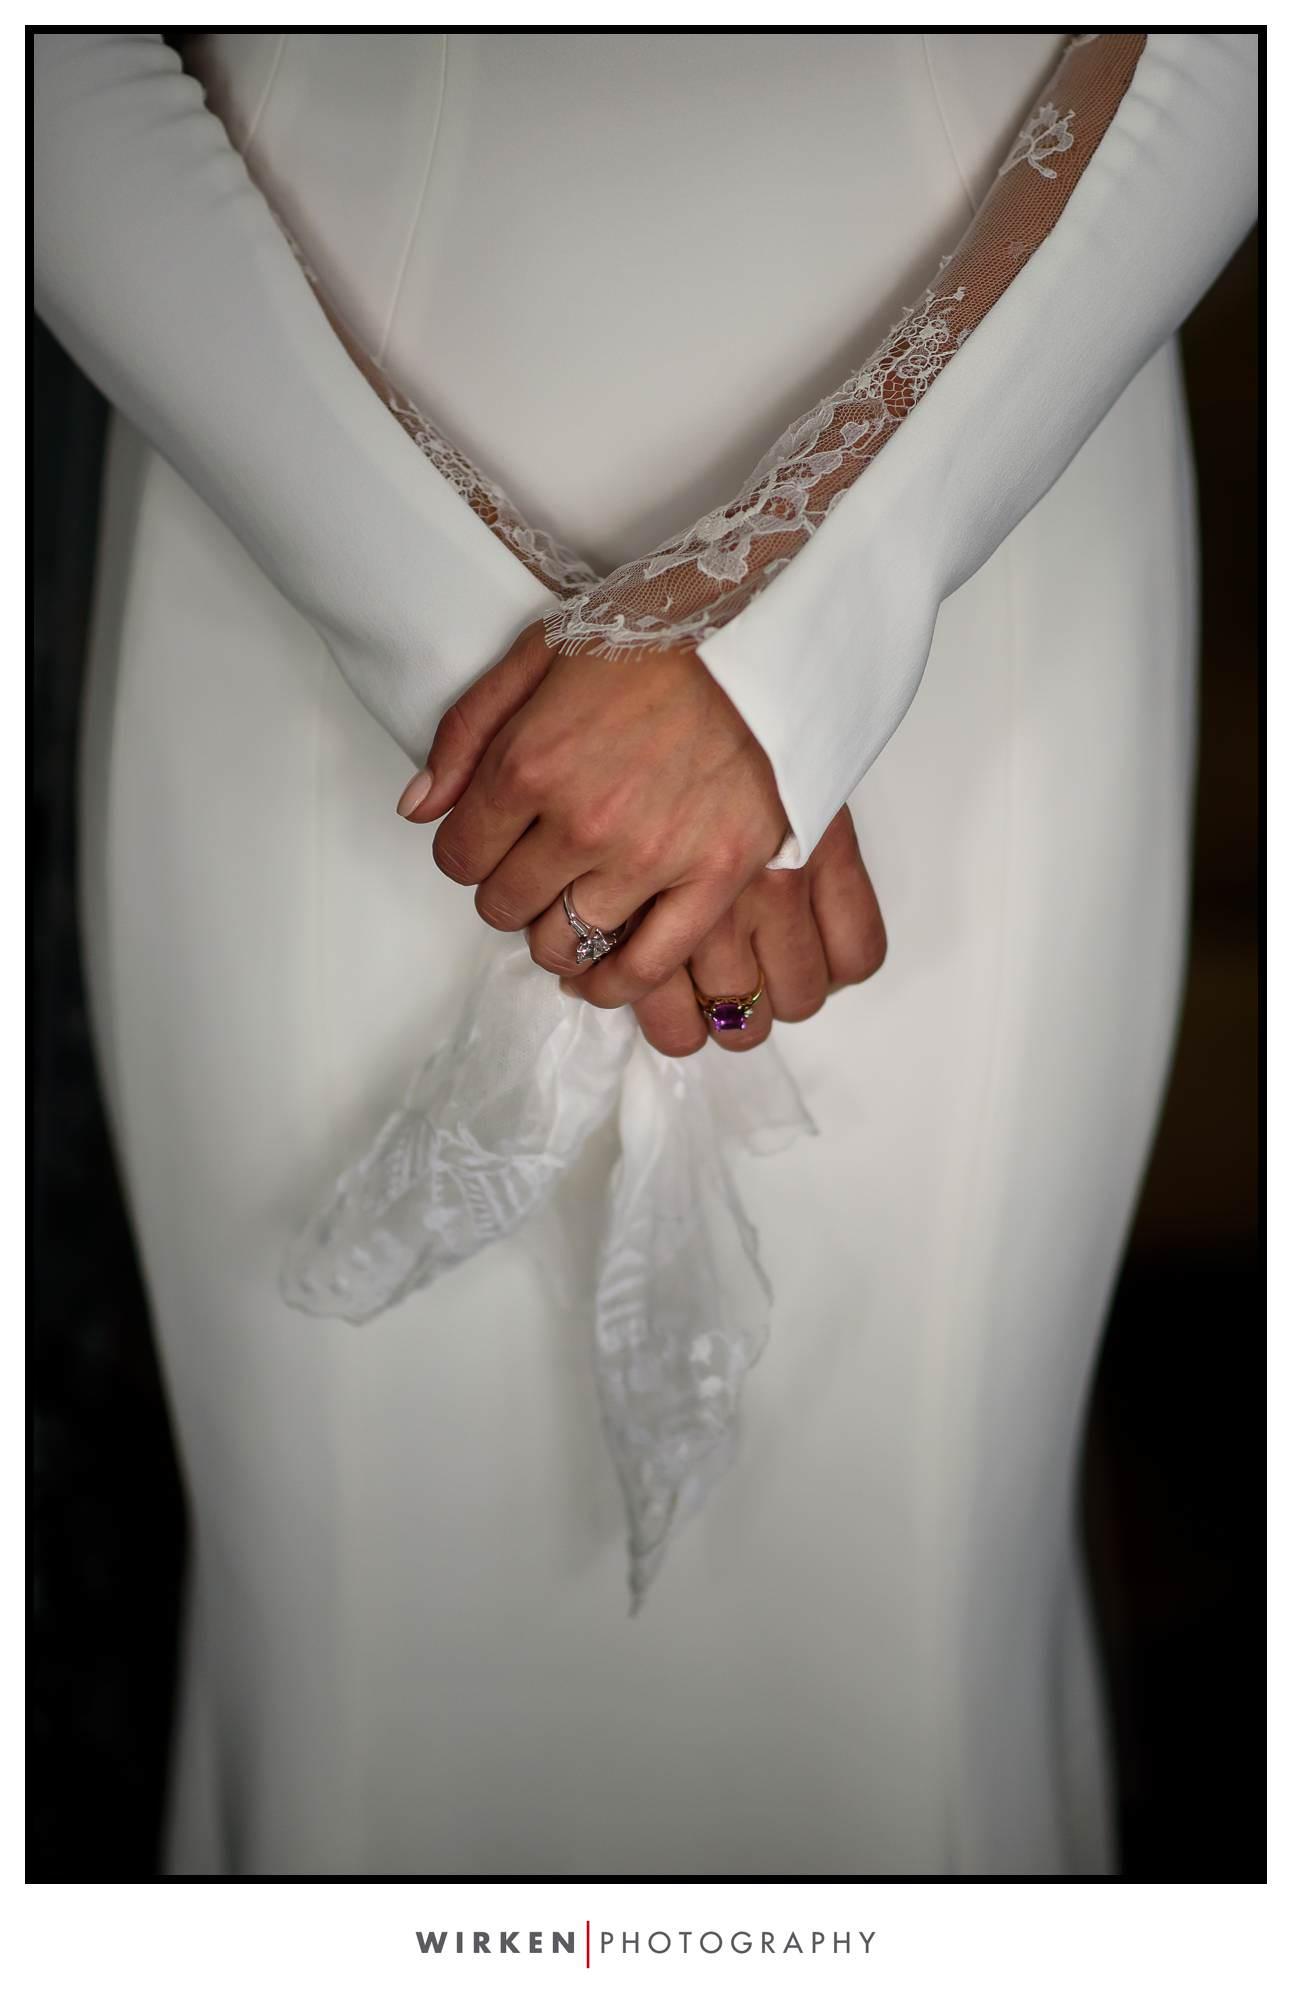 Trinidad, California Weddings. Bride in gownl